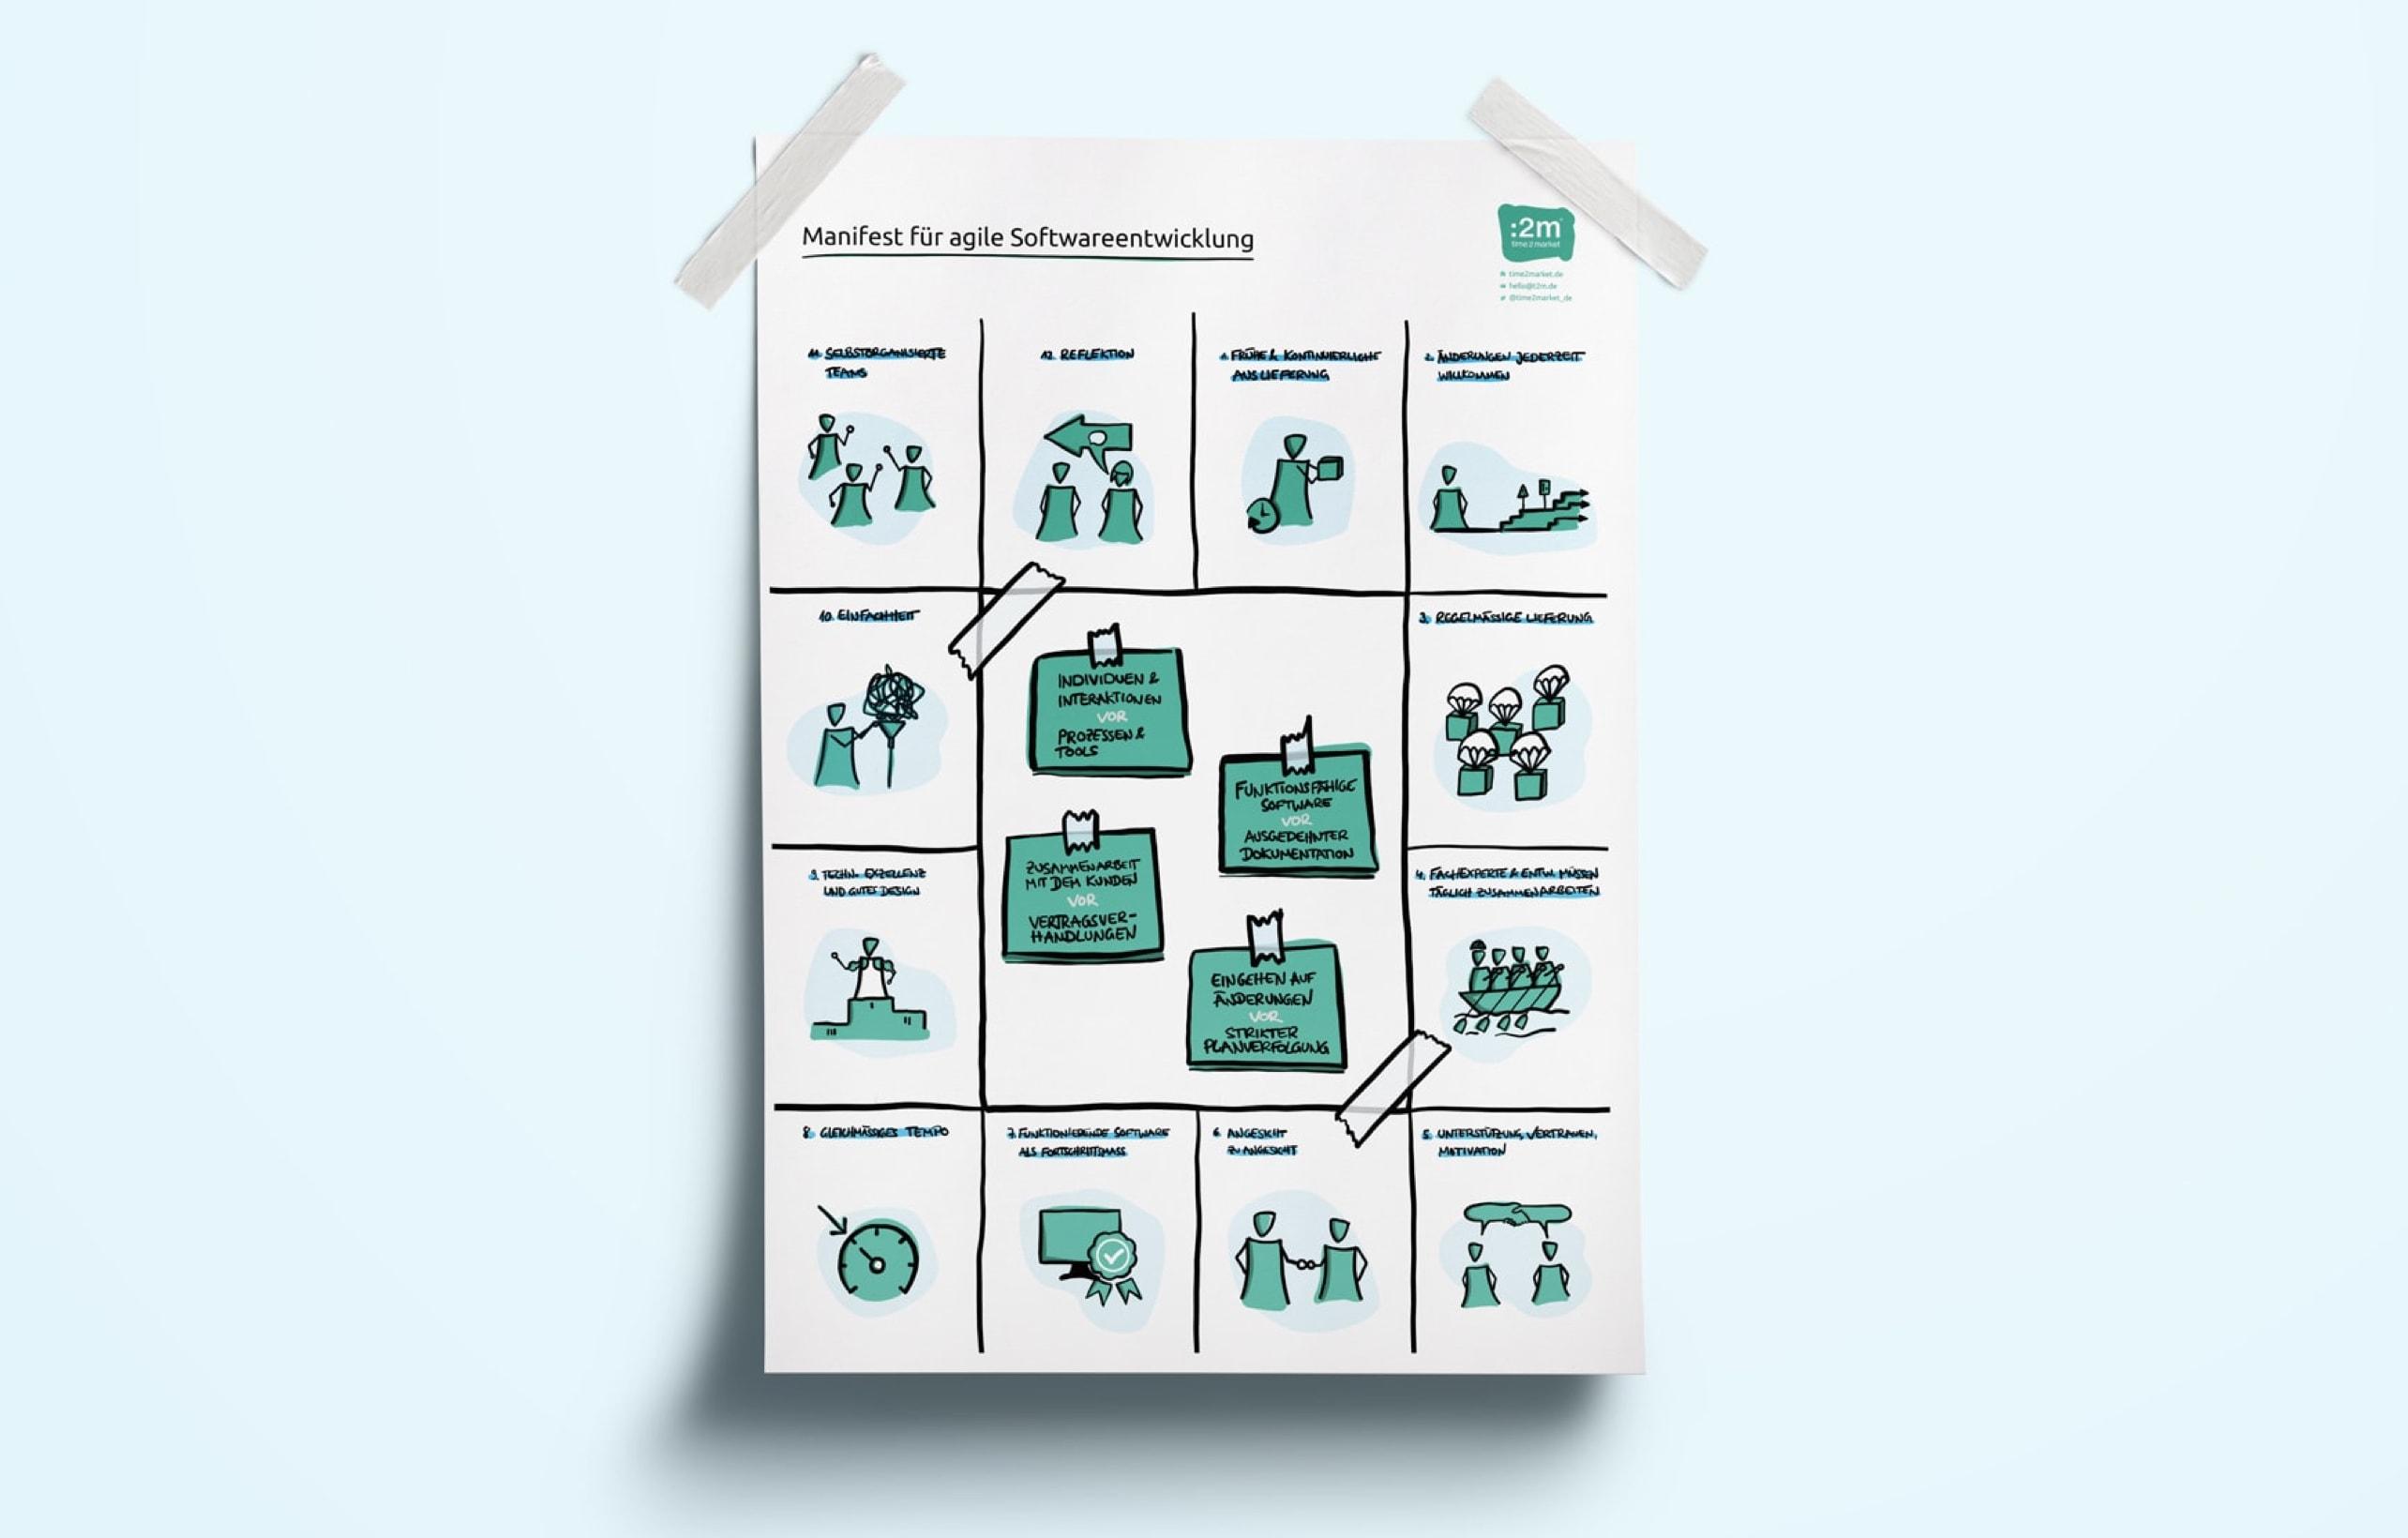 Ein Poster des agilen Manifests nach time2market